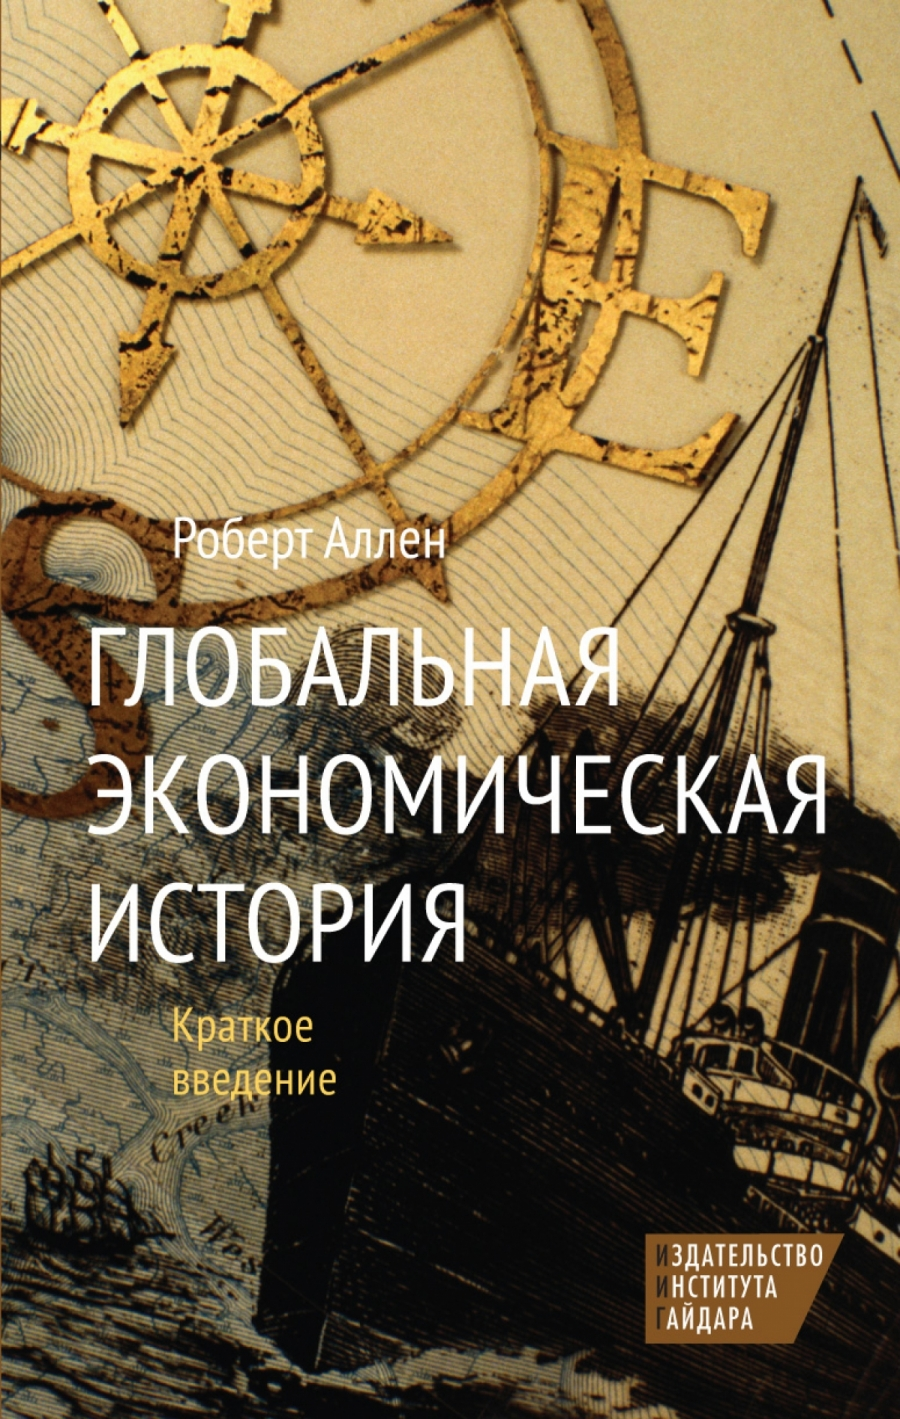 Обложка книги:  роберт аллен - глобальная экономическая история. краткое введение